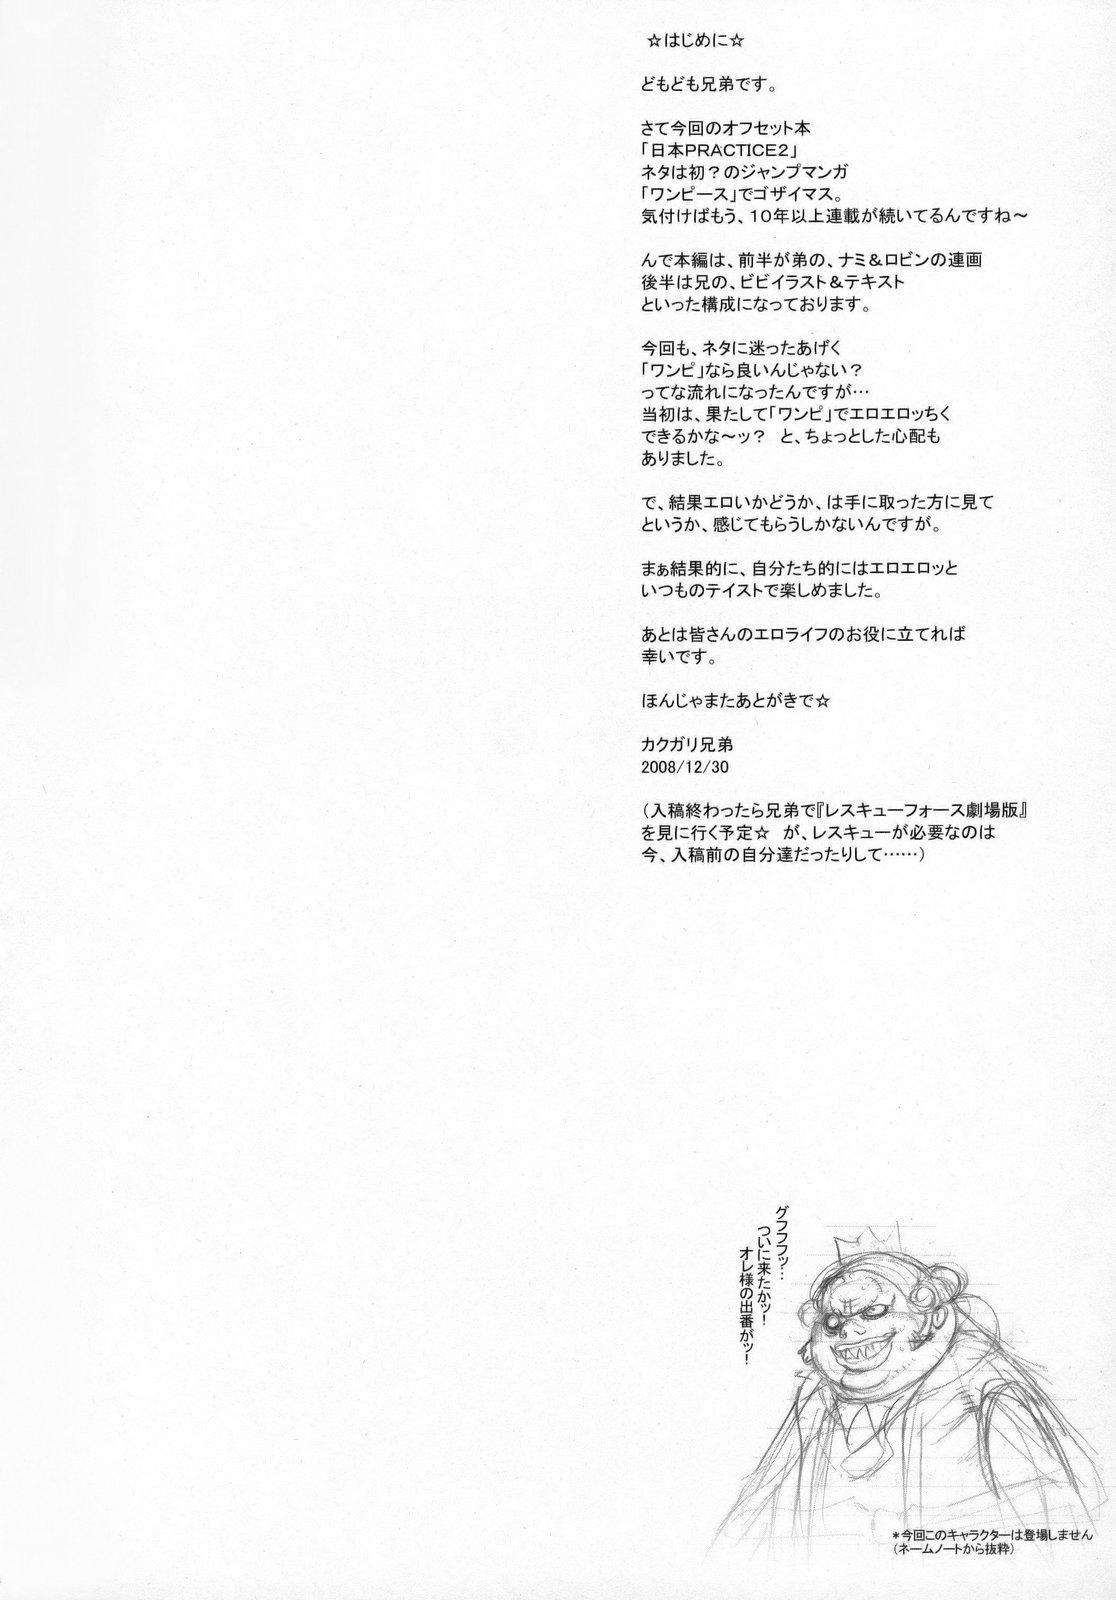 Nippon Practice 2 2